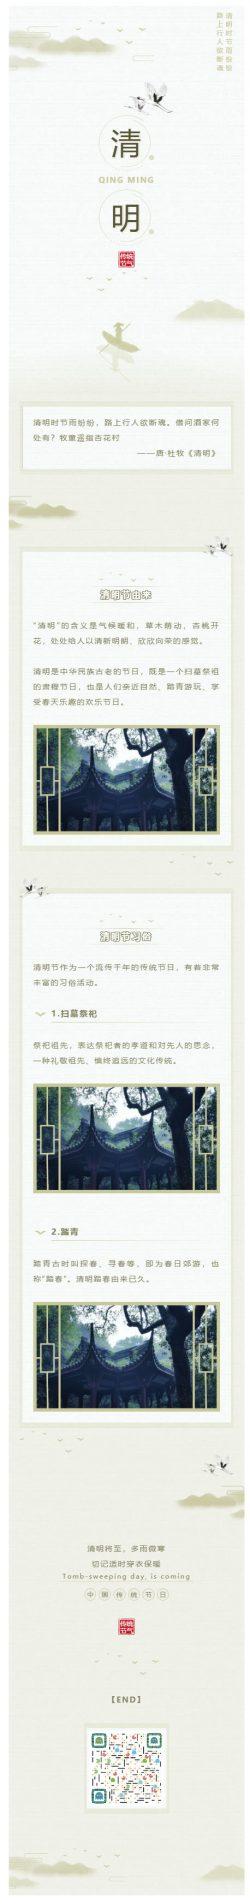 清明节中国风微信推文素材模板古风背景图推送文章